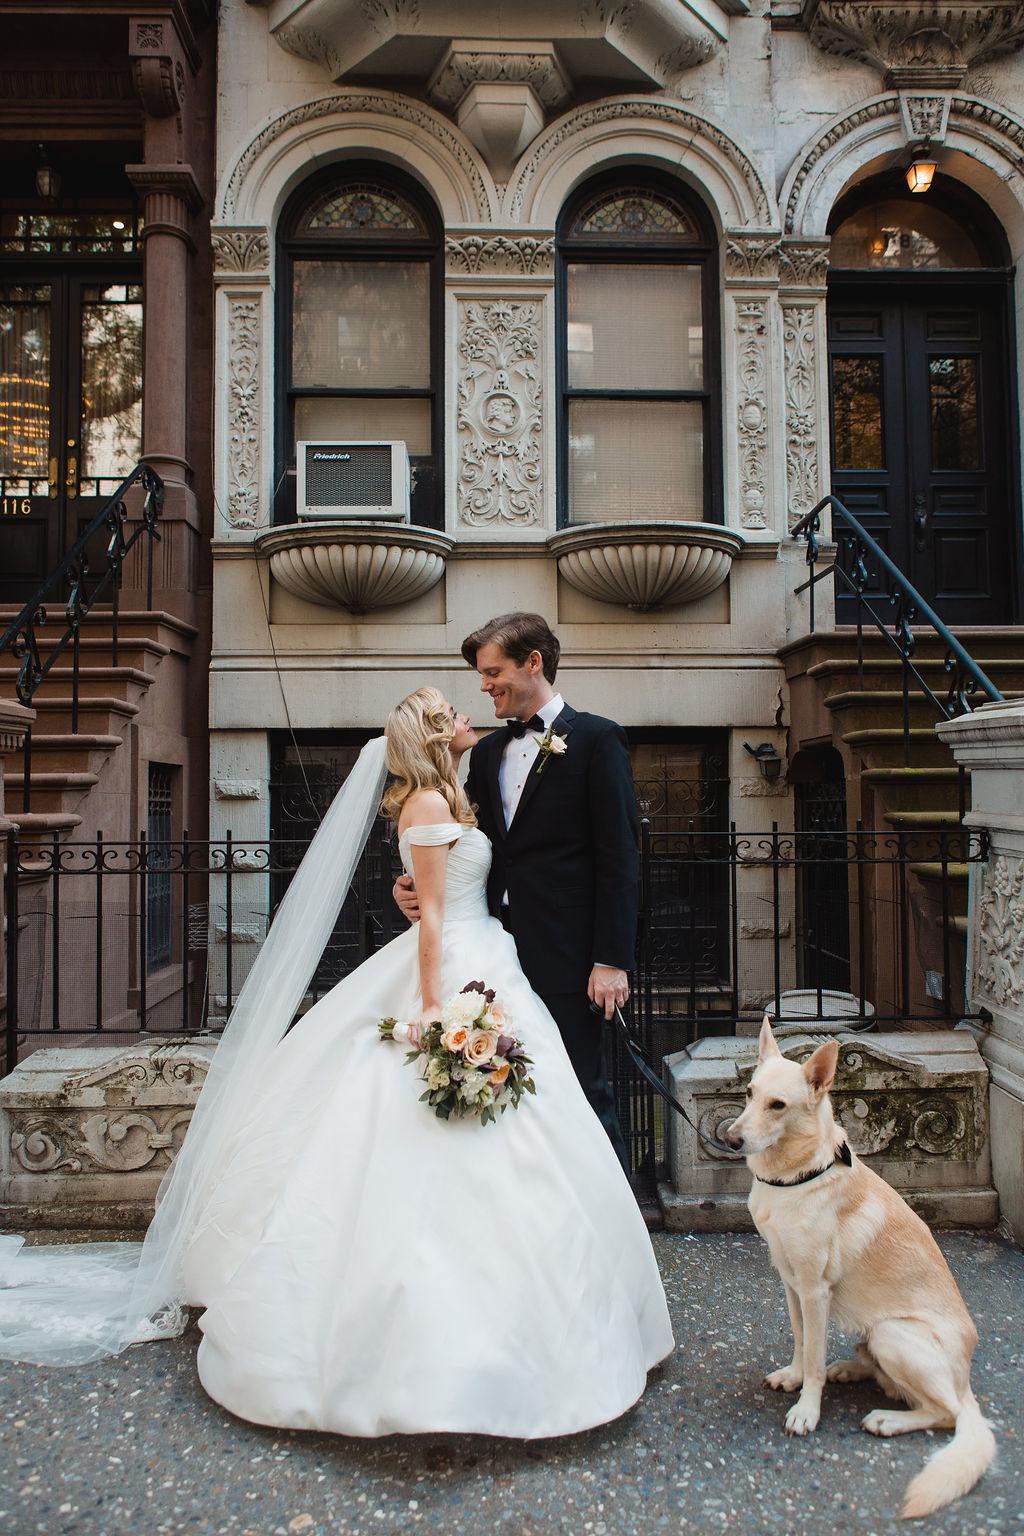 236_alex+kyle_wedding_by_Amber_Marlow.jpg